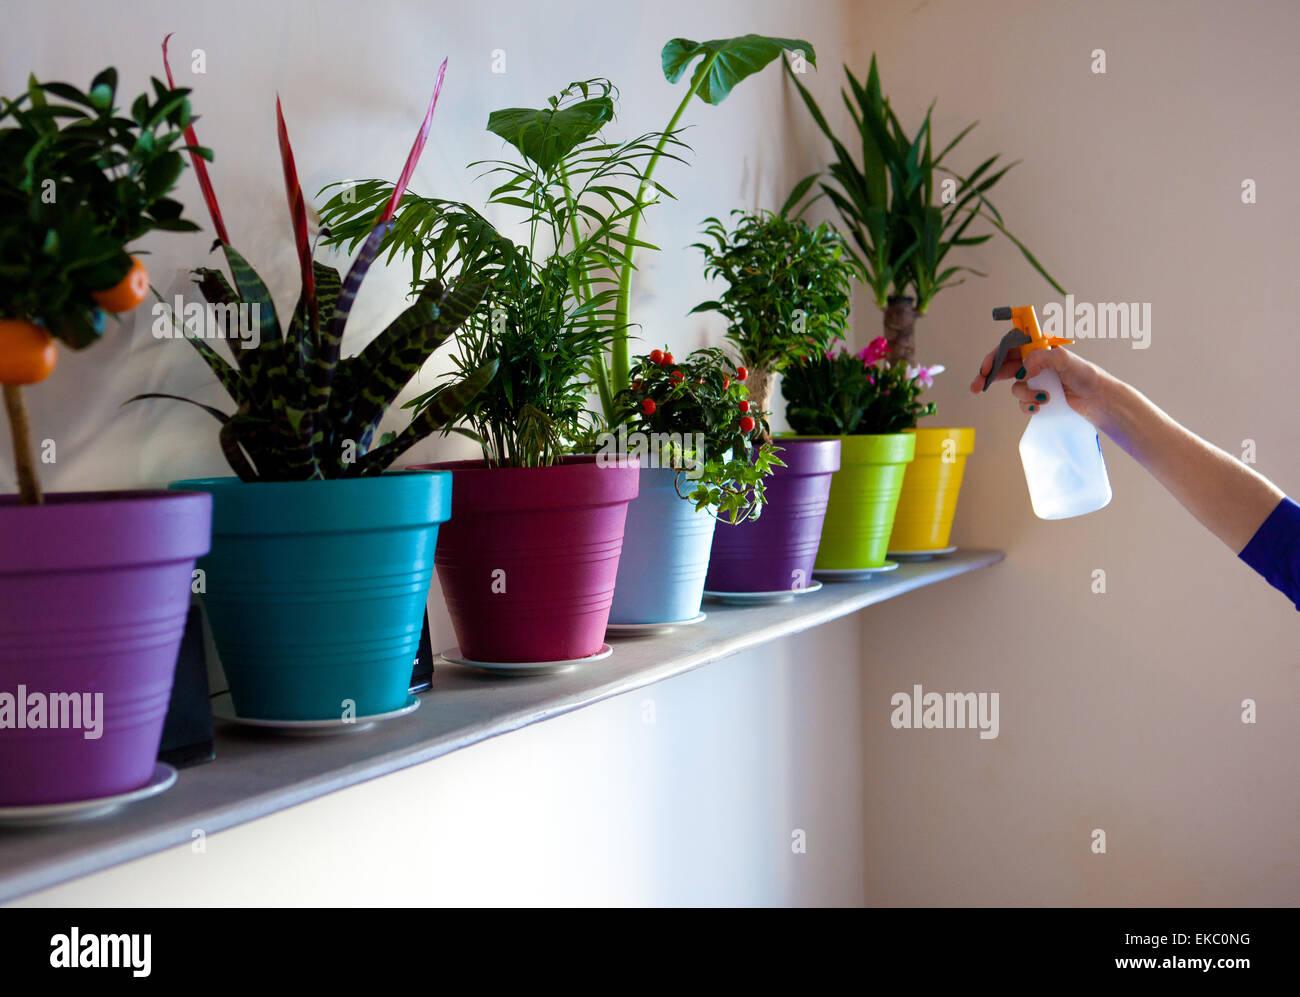 Mano de mujer rociando la fila de plantas en macetas con agua Imagen De Stock